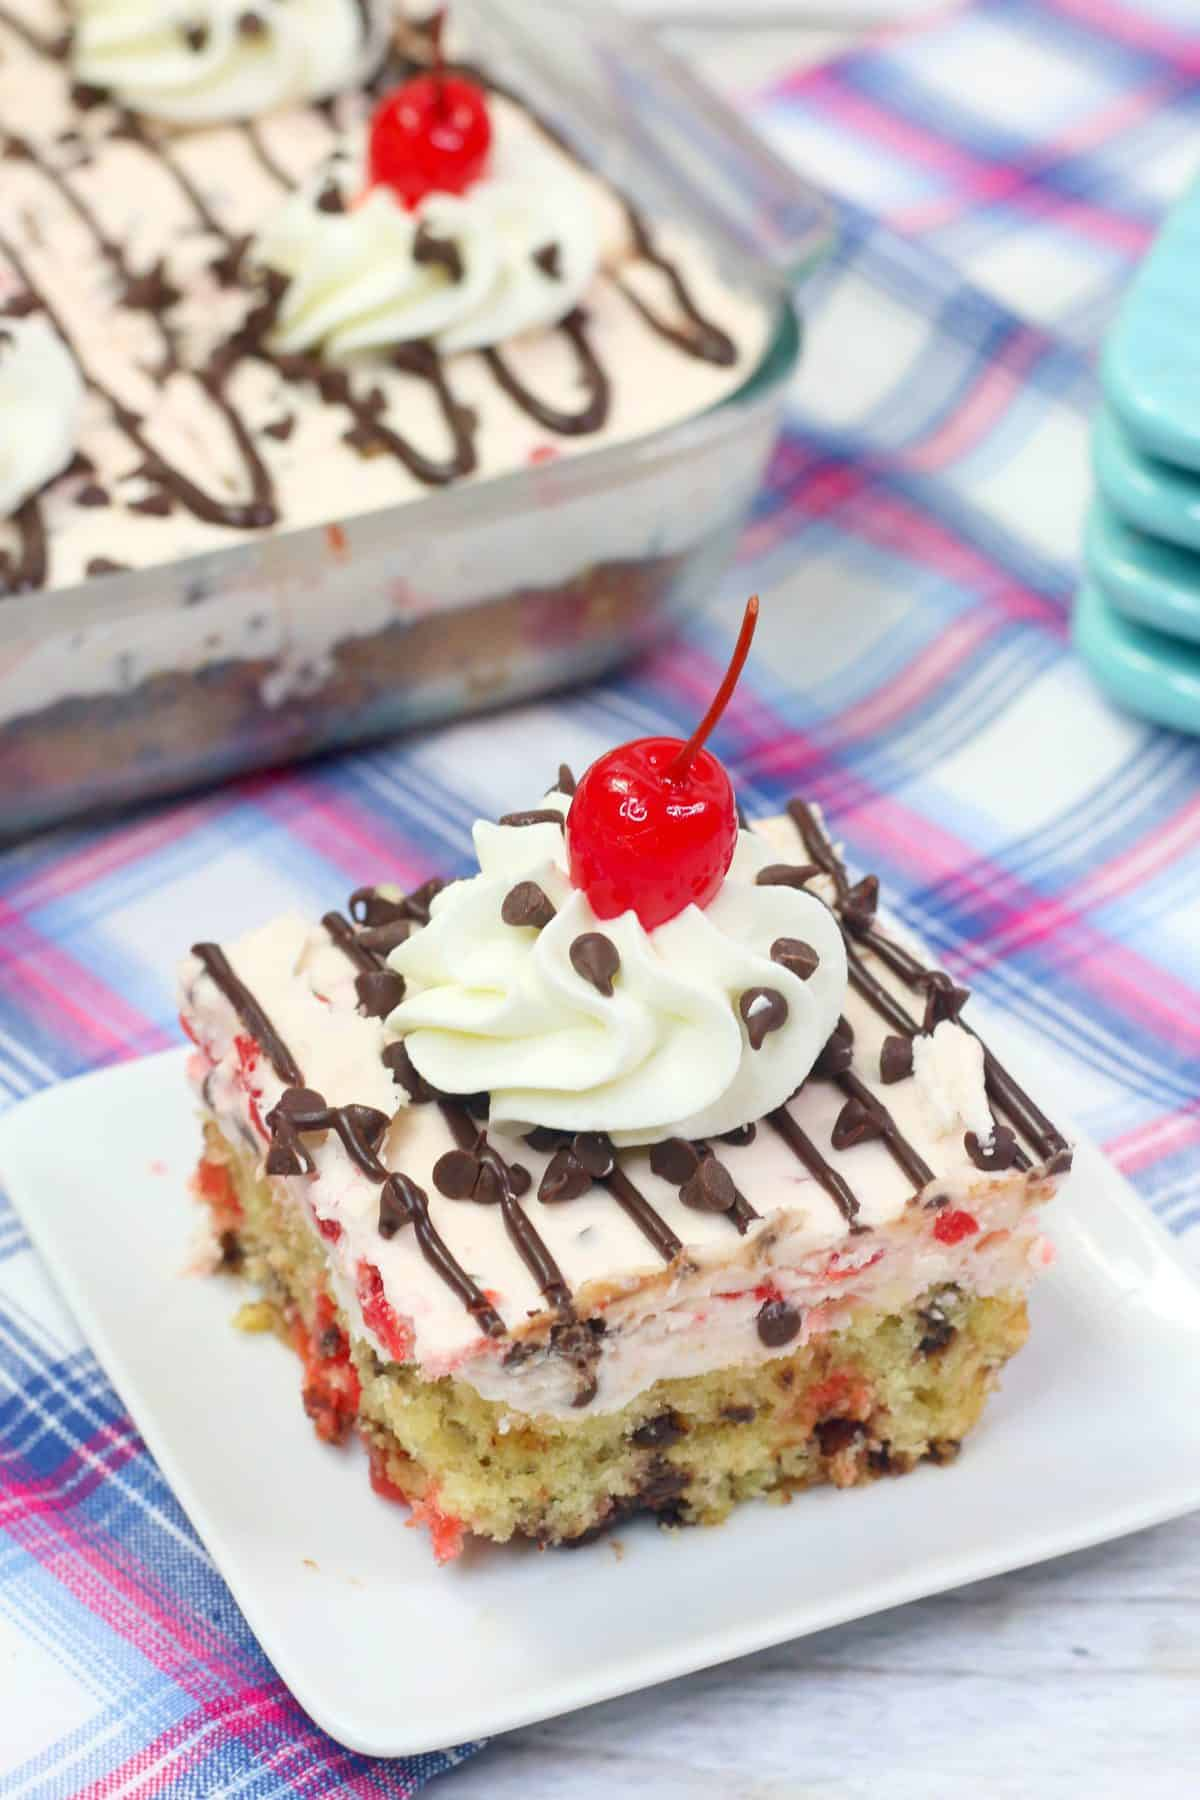 cherry garcia cake ,maraschino cherry cake ,cherry chocolate cake ,easy maraschino cherry cake recipe ,cake mix cherry cake recipe